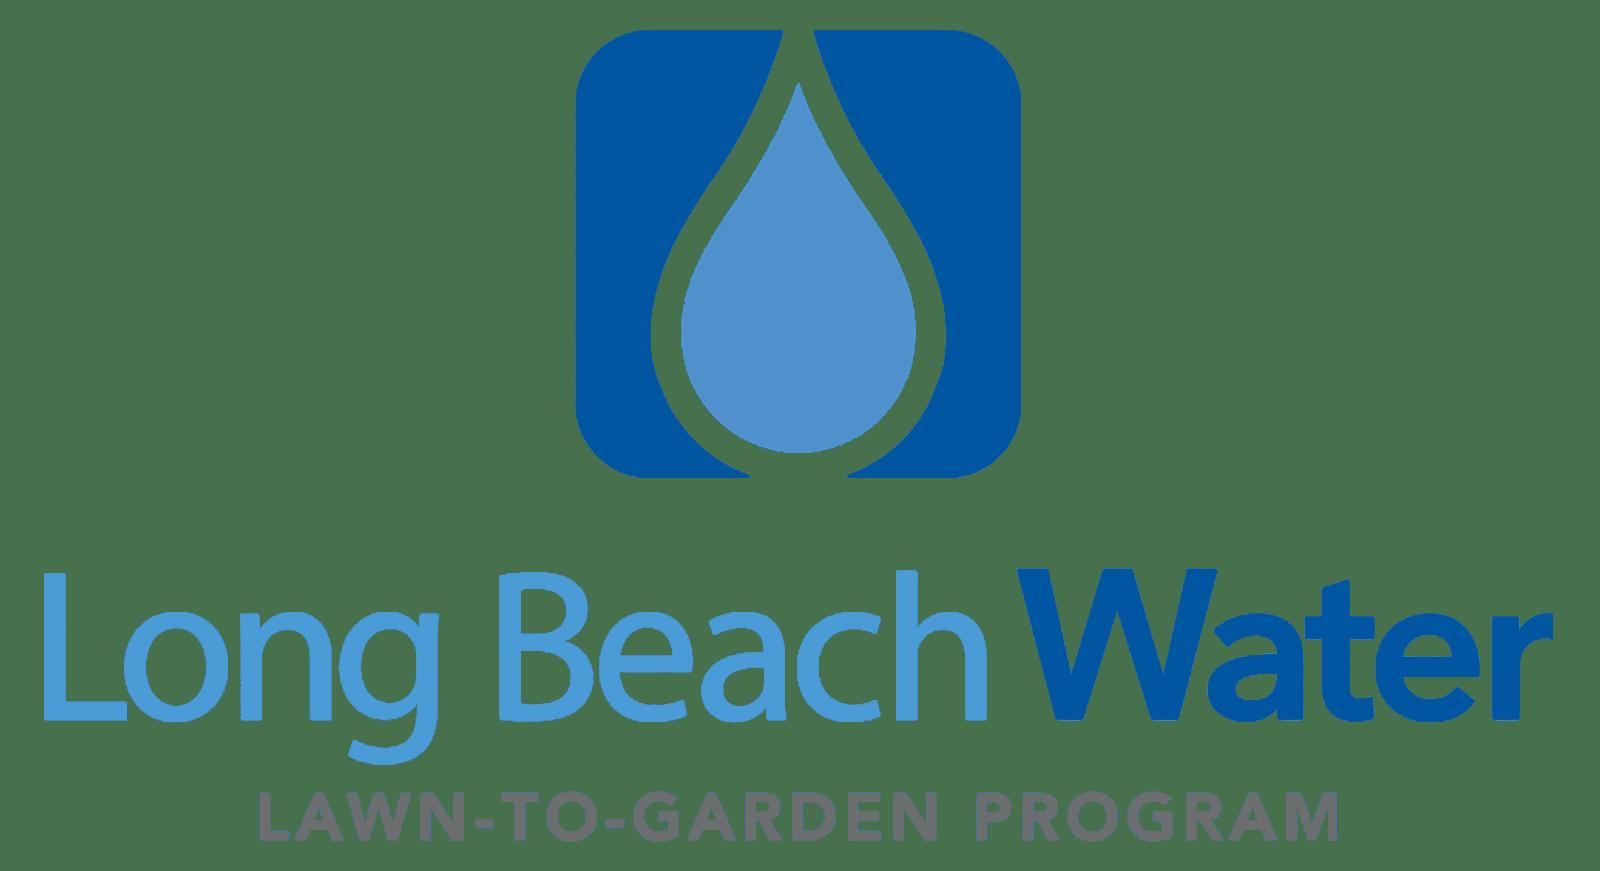 Beautiful Long Beach Lawn to Garden Retina Logo